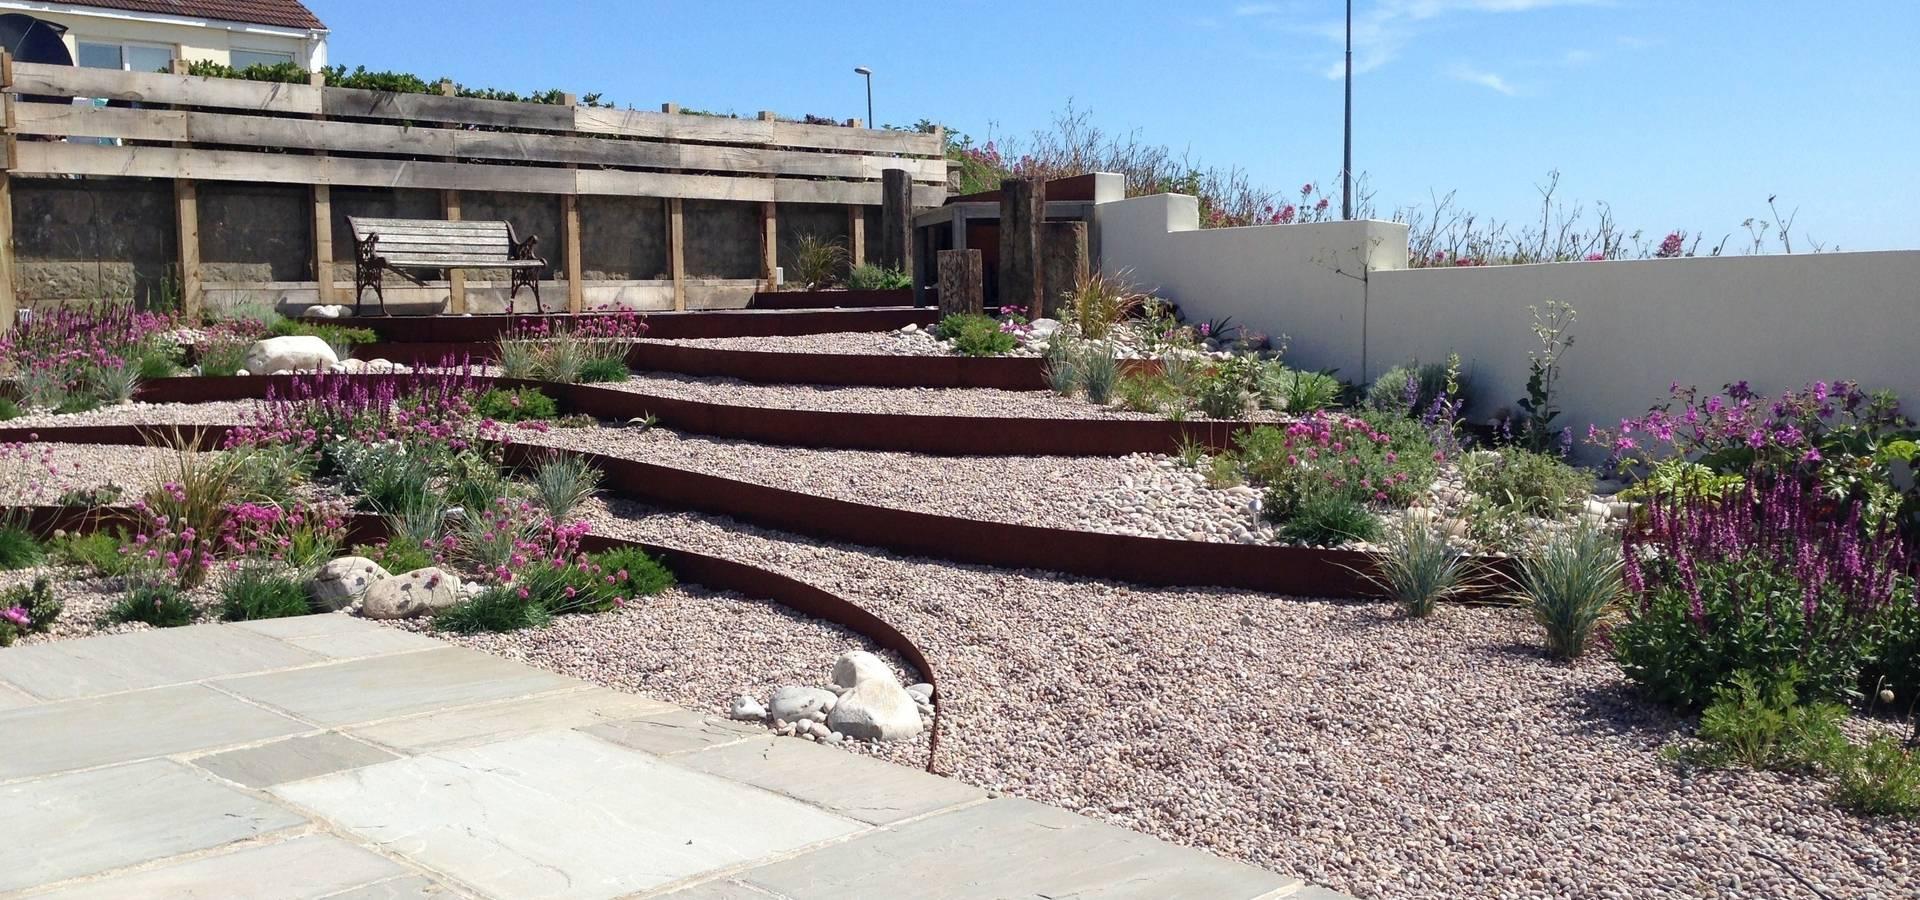 Anspruchsvoll Homify Garten Sammlung Von Alitura Landscape And Garden Design